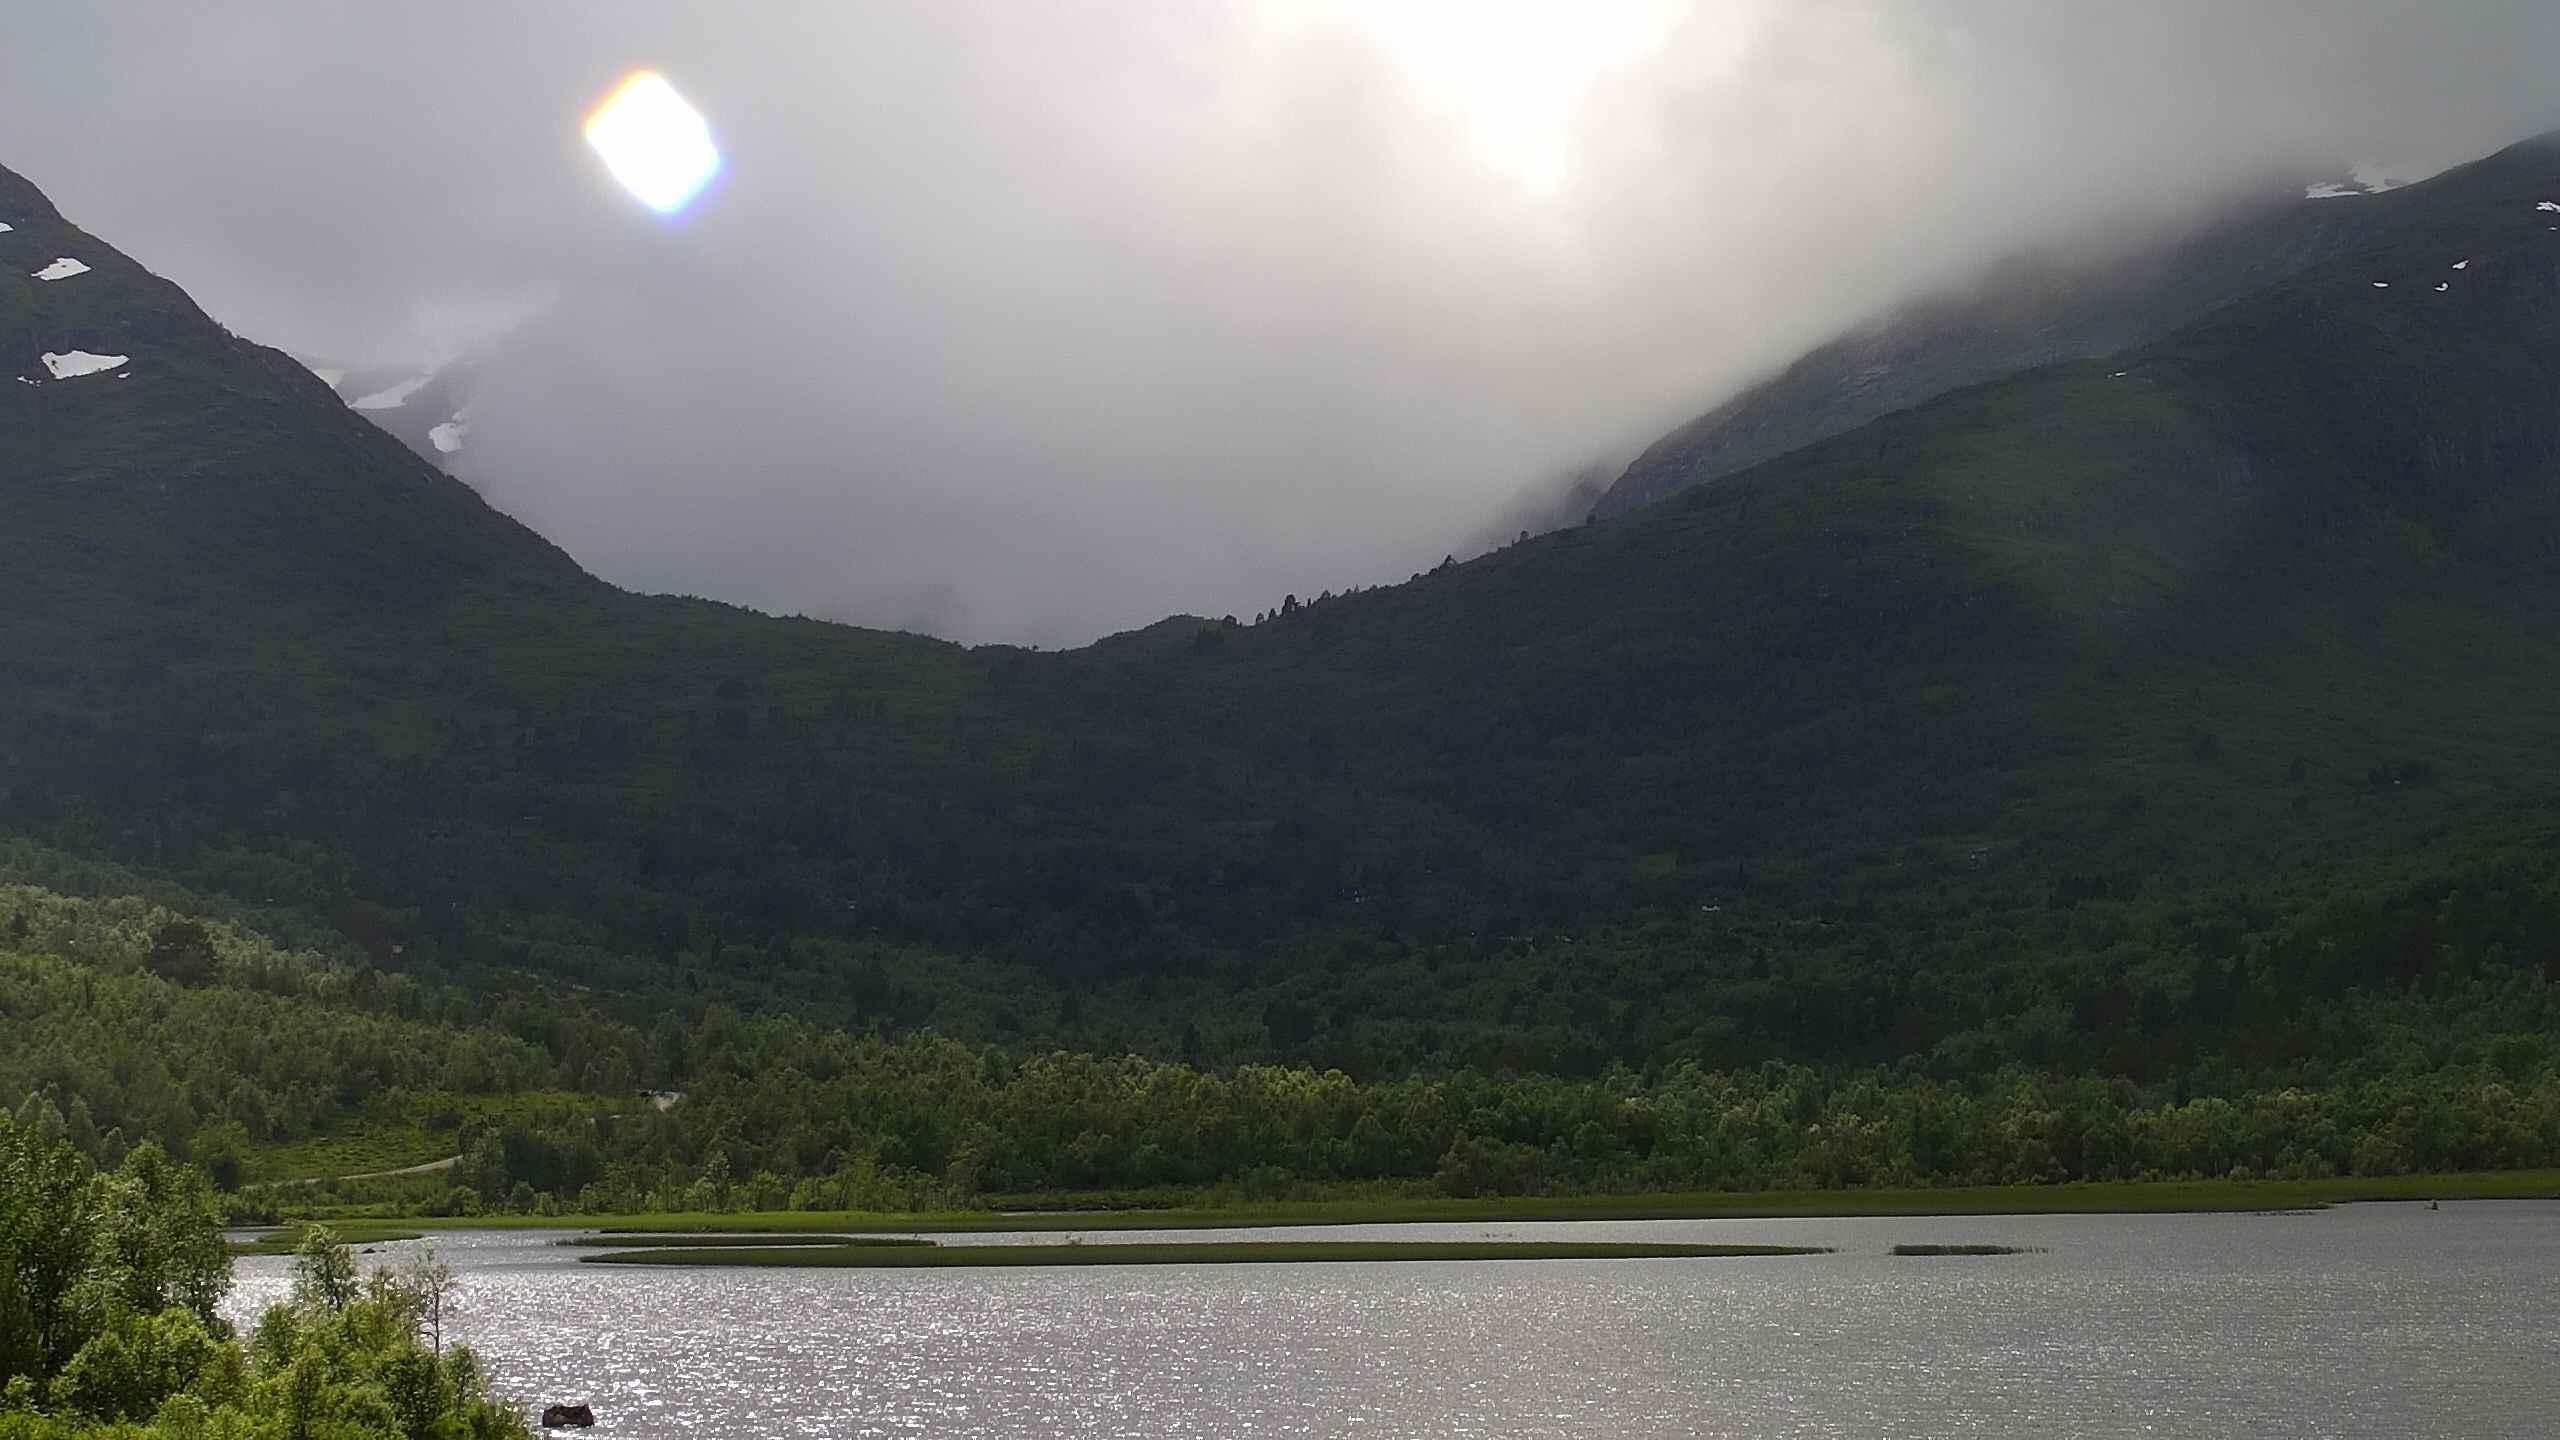 Berillvatnet, mot Bøstølen, oppdatert  19.01 16:18